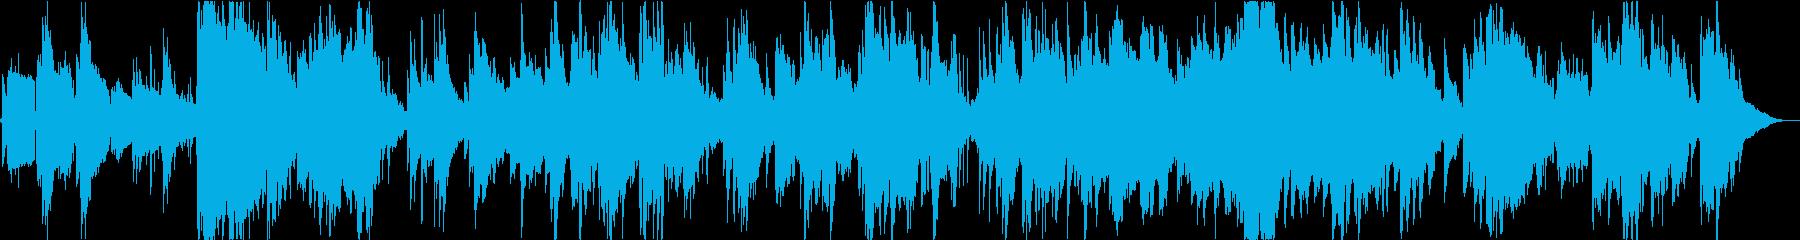 チェット・ベイカーへのピアノのバラ...の再生済みの波形